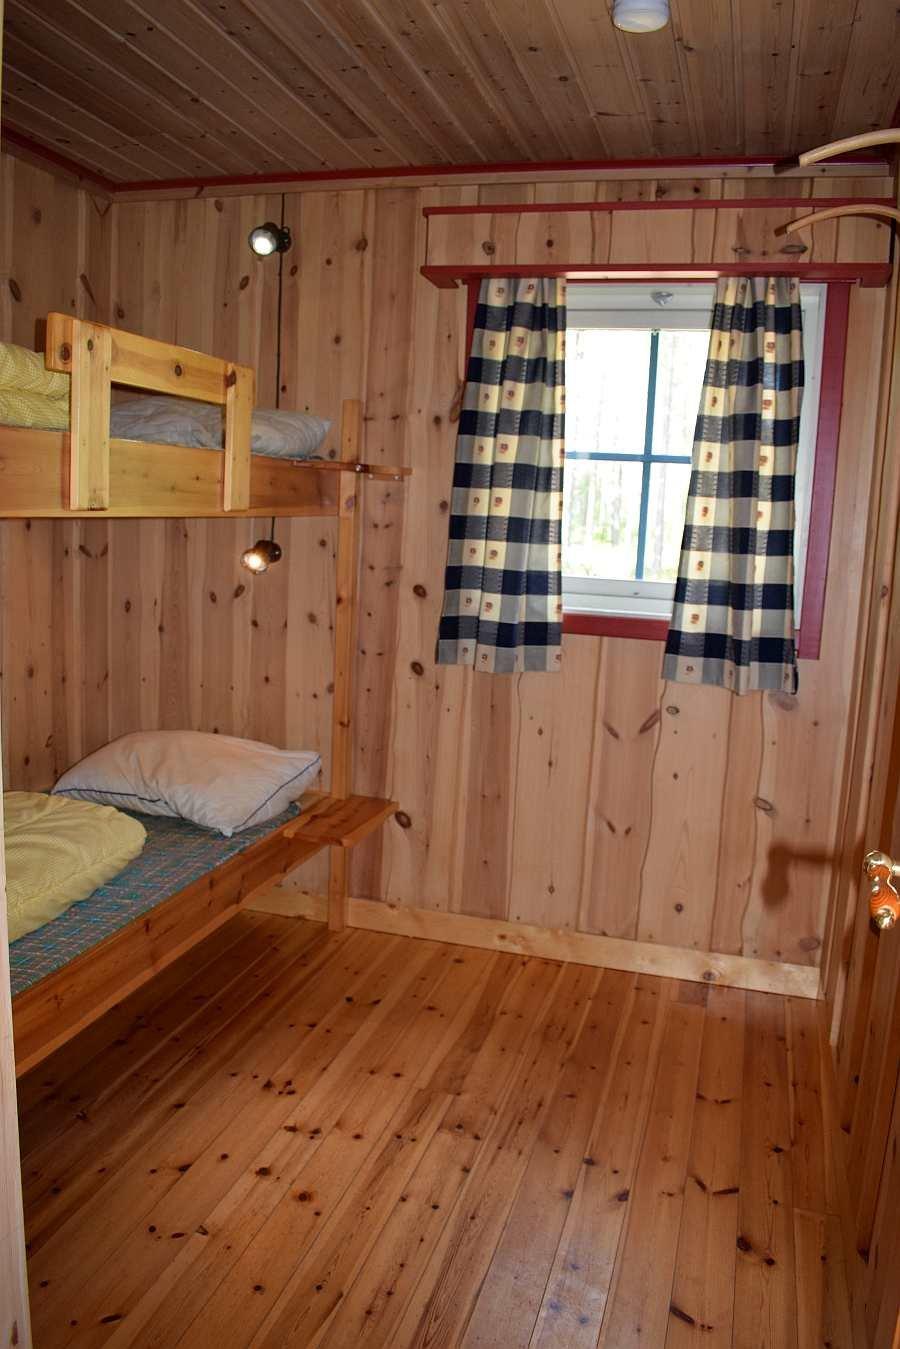 Eines der insgesamt 3 Schlafzimmer mit jeweils einem Etagenbett